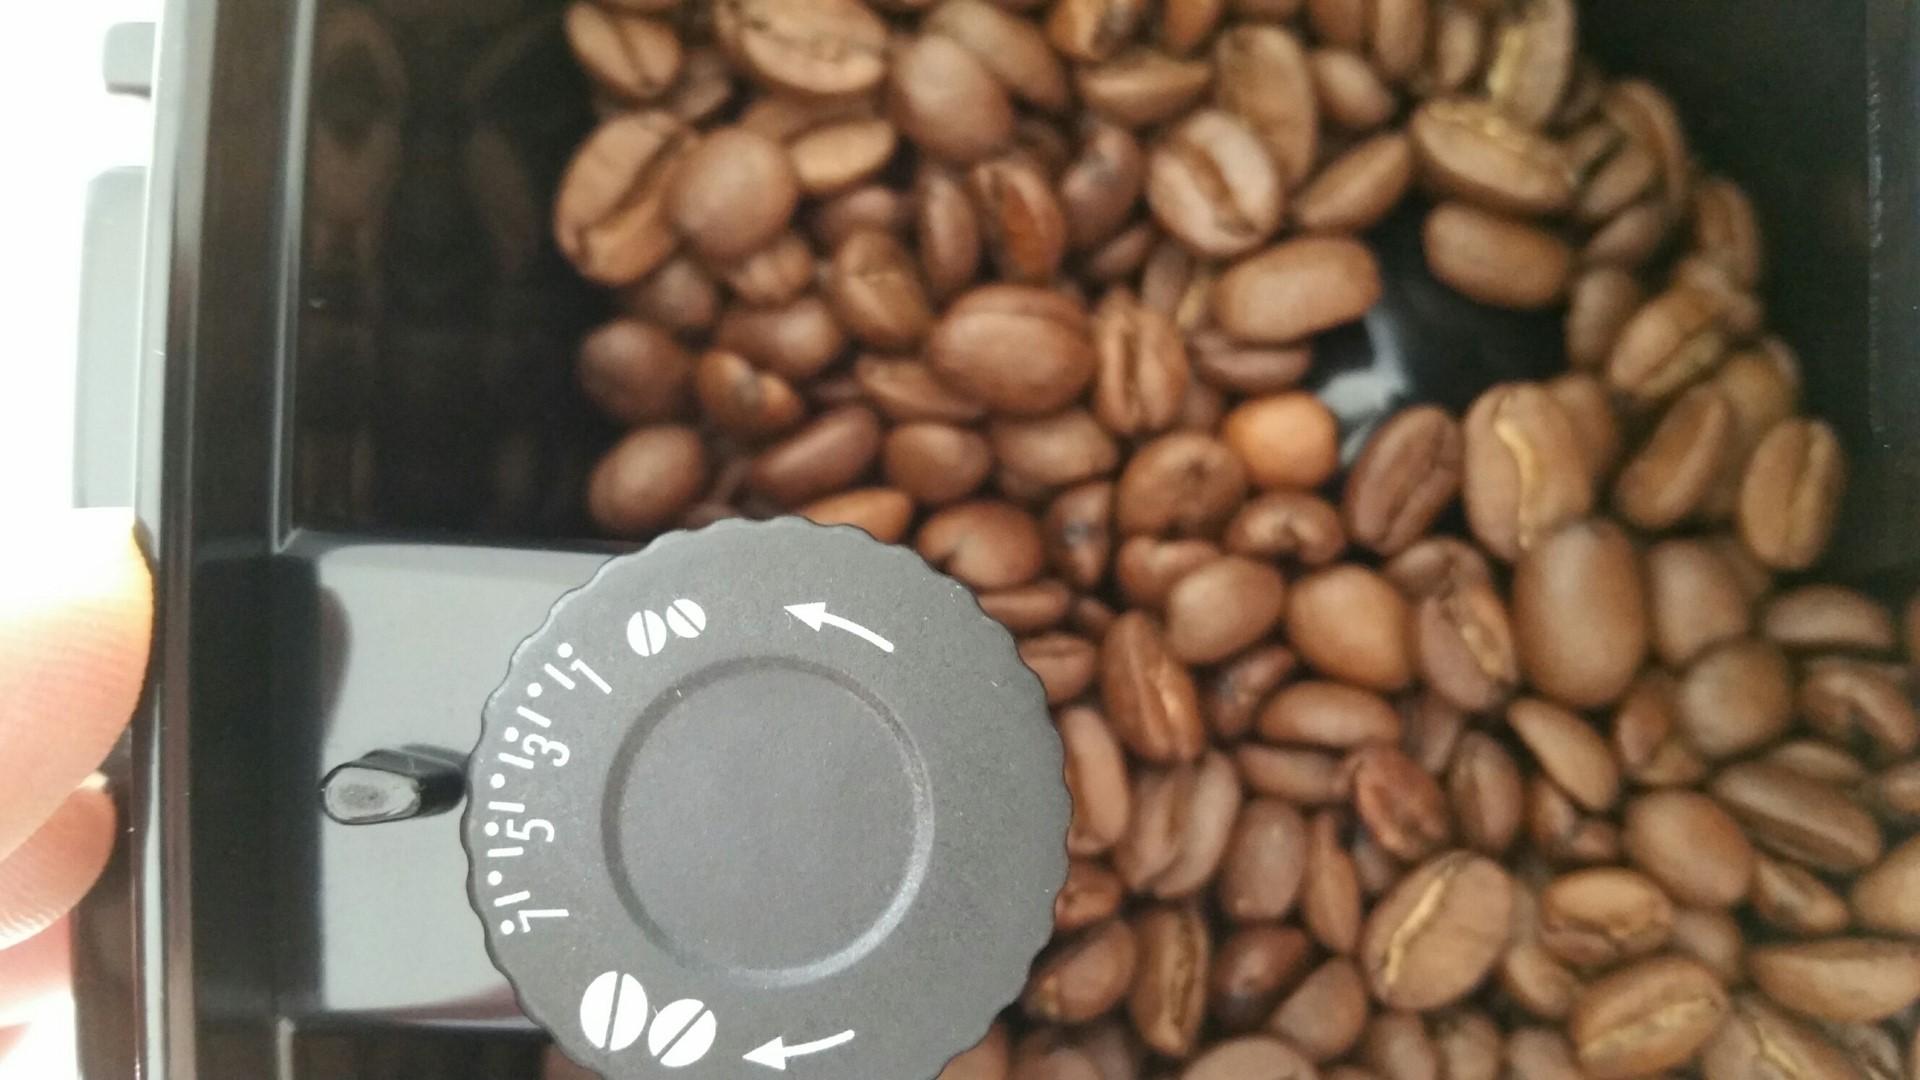 DeLonghi magnifica s ecam 22.110.b espressomachine - Welke maalstand?